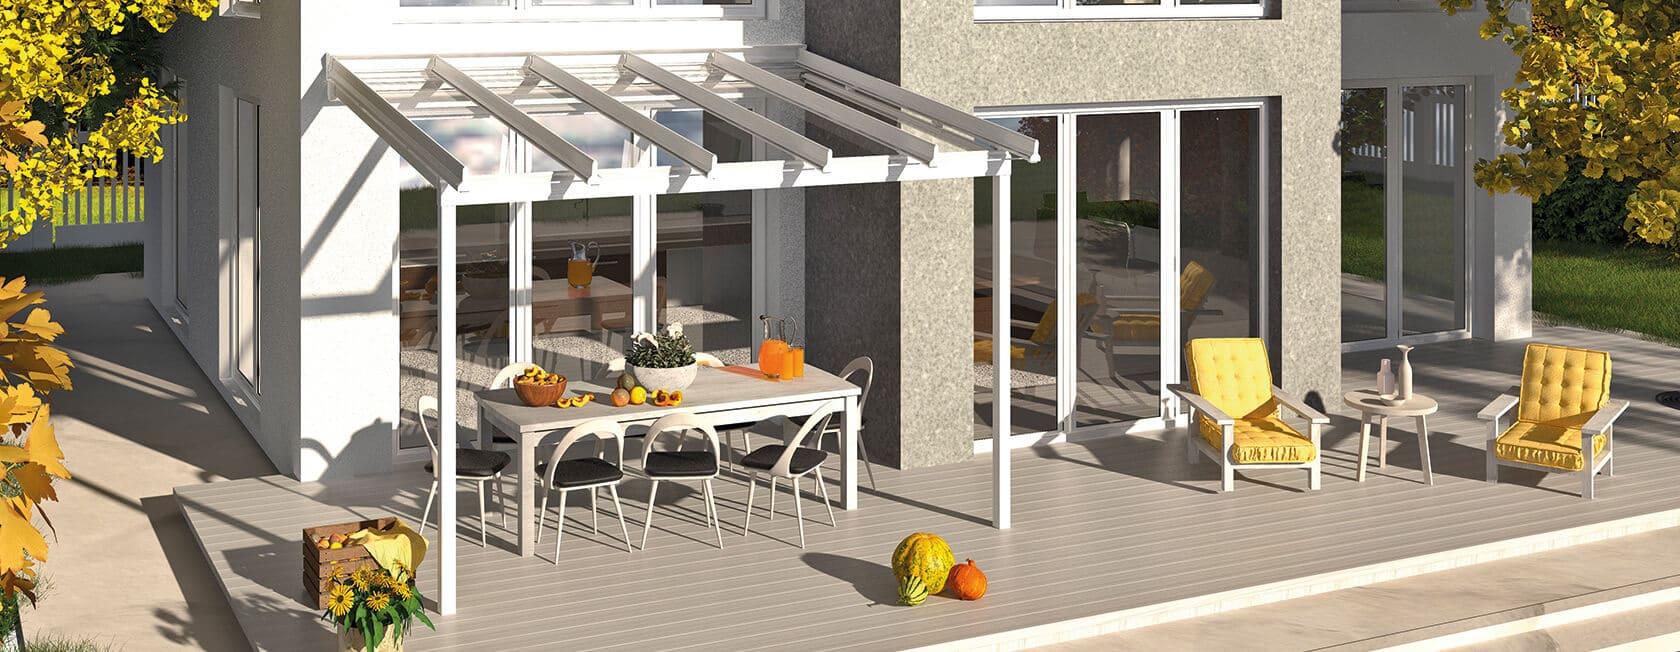 Markisenhersteller ERHARDT - Markisen für Terrasse und Balkon